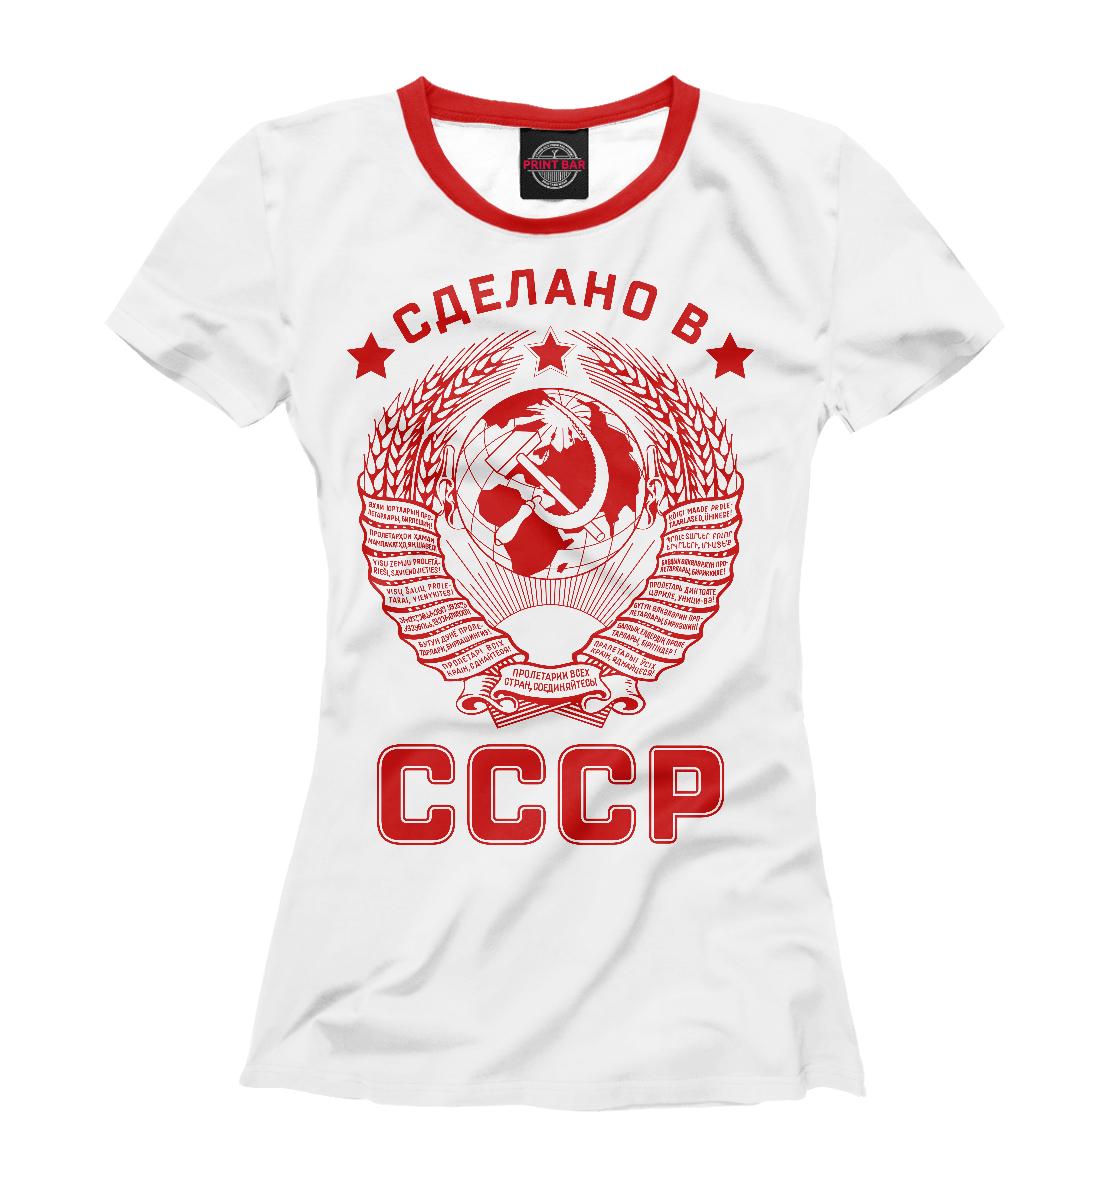 Купить Сделано в СССР, Printbar, Футболки, SSS-476417-fut-1